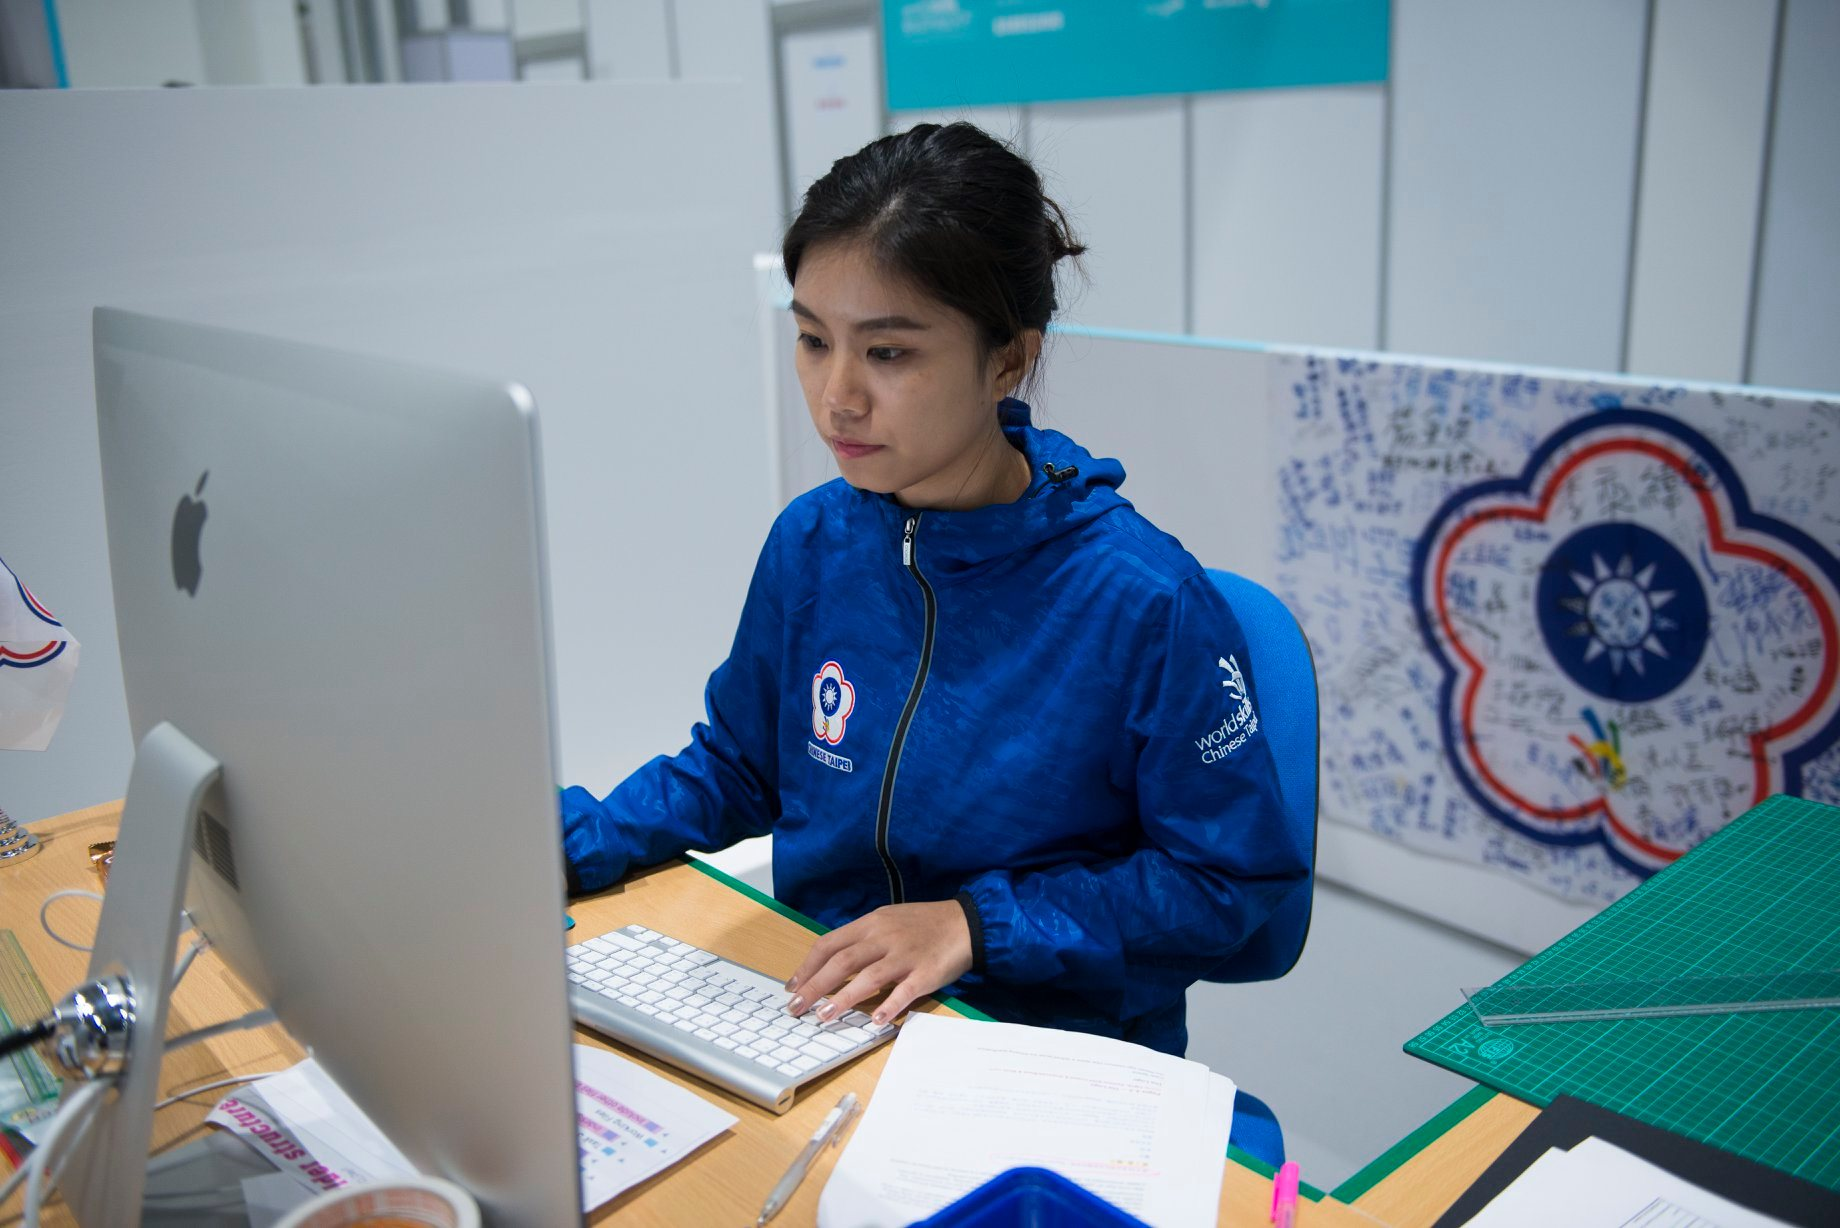 楊瑾瑜/另類技能界奧運台灣之光:賽事設備